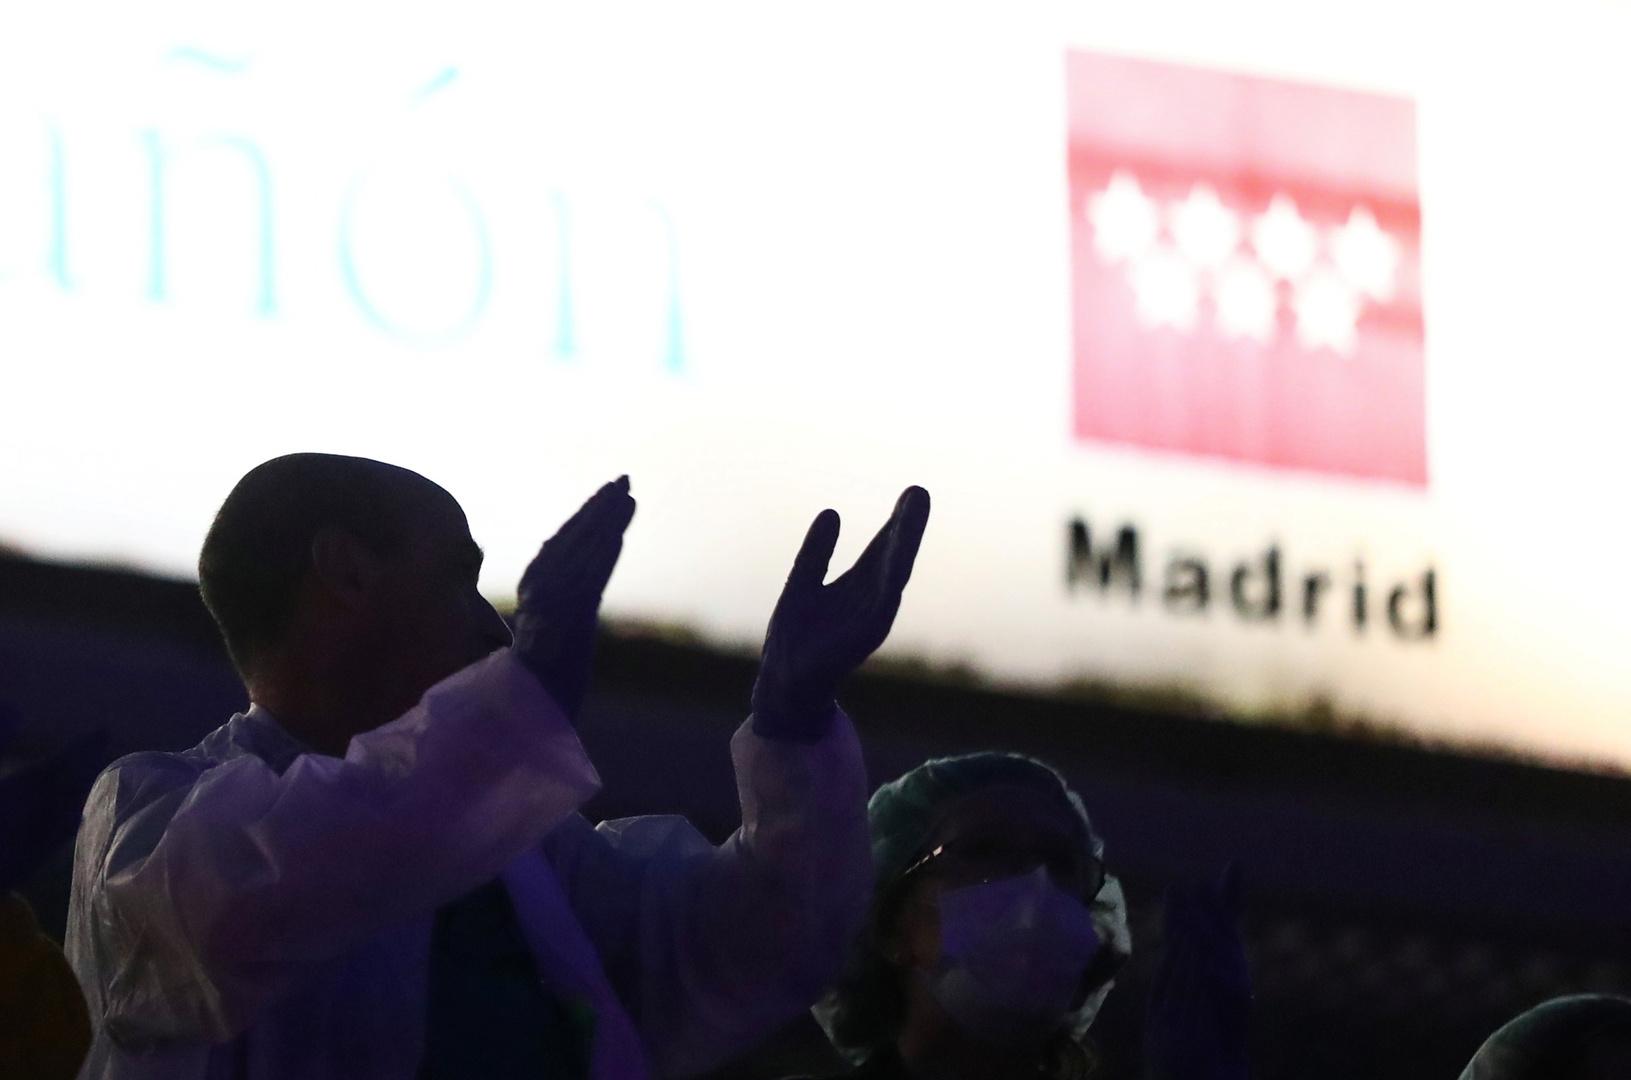 كورونا يزداد شراسة في إسبانيا ويقتل أكثر من 800 خلال يوم واحد